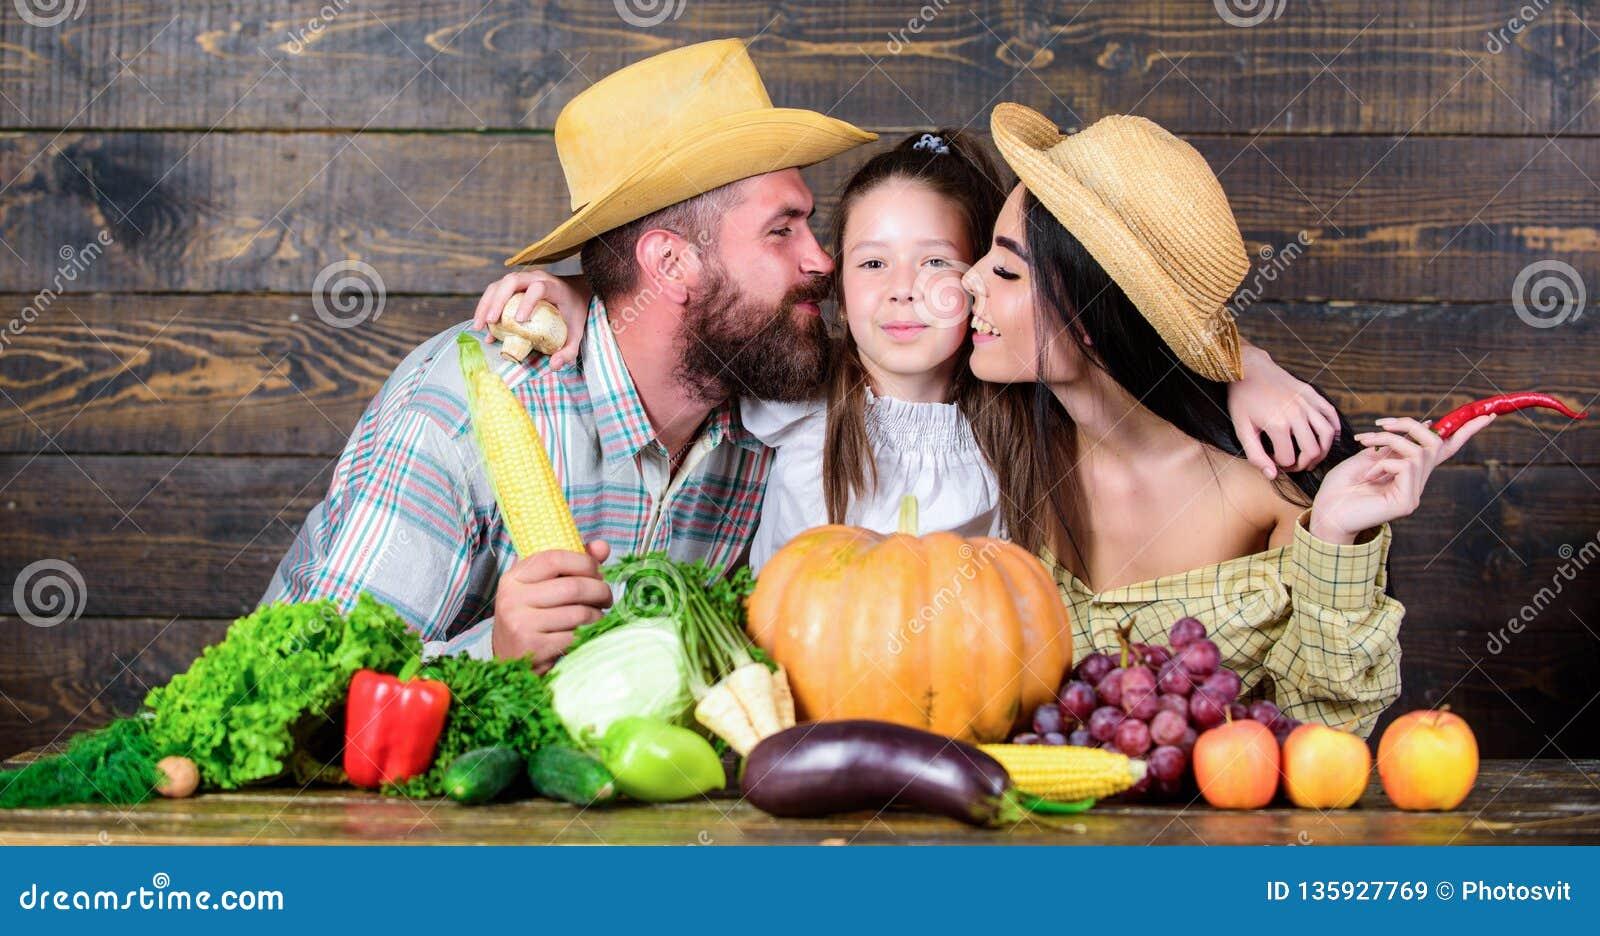 Αναπτυγμένος με την αγάπη Αγρότες οικογενειακού αγροτικοί ύφους στην αγορά με τα φρούτα και την πρασινάδα λαχανικών Συγκομιδή γον